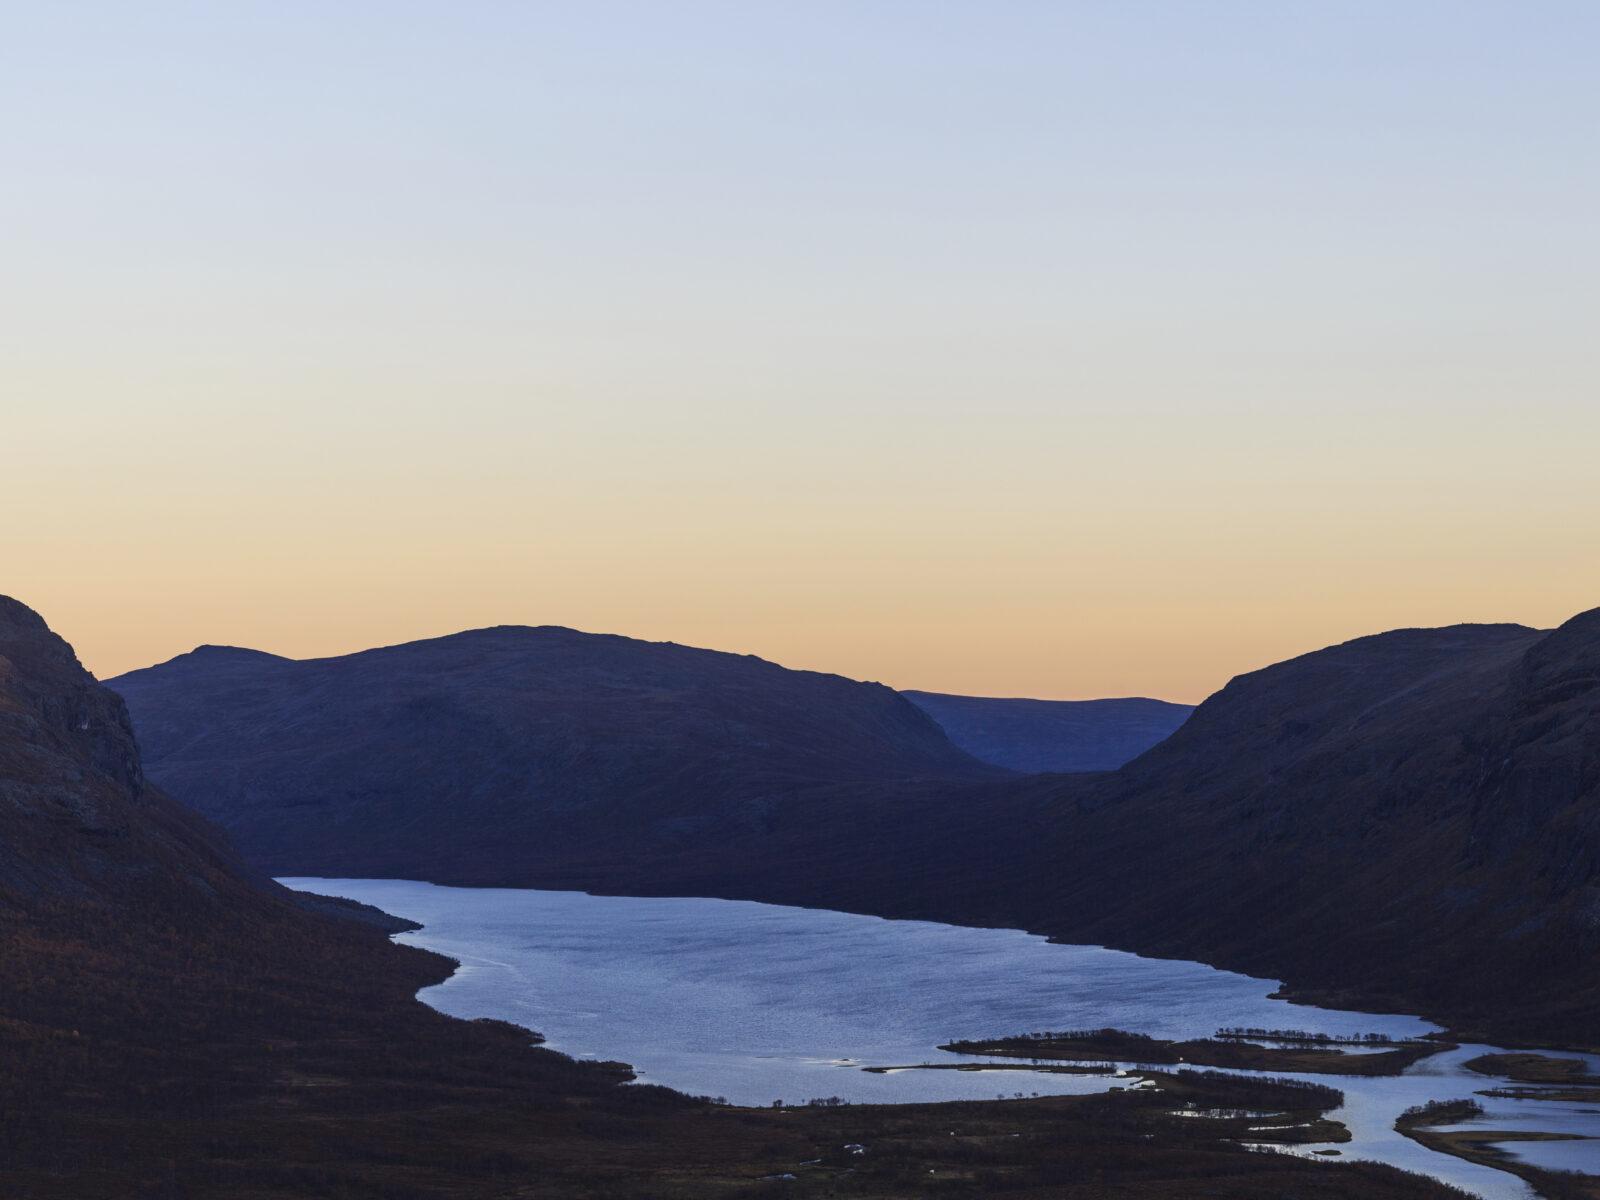 Abisko,svart,solnedgång,berg,moln,kväll,solnedgång